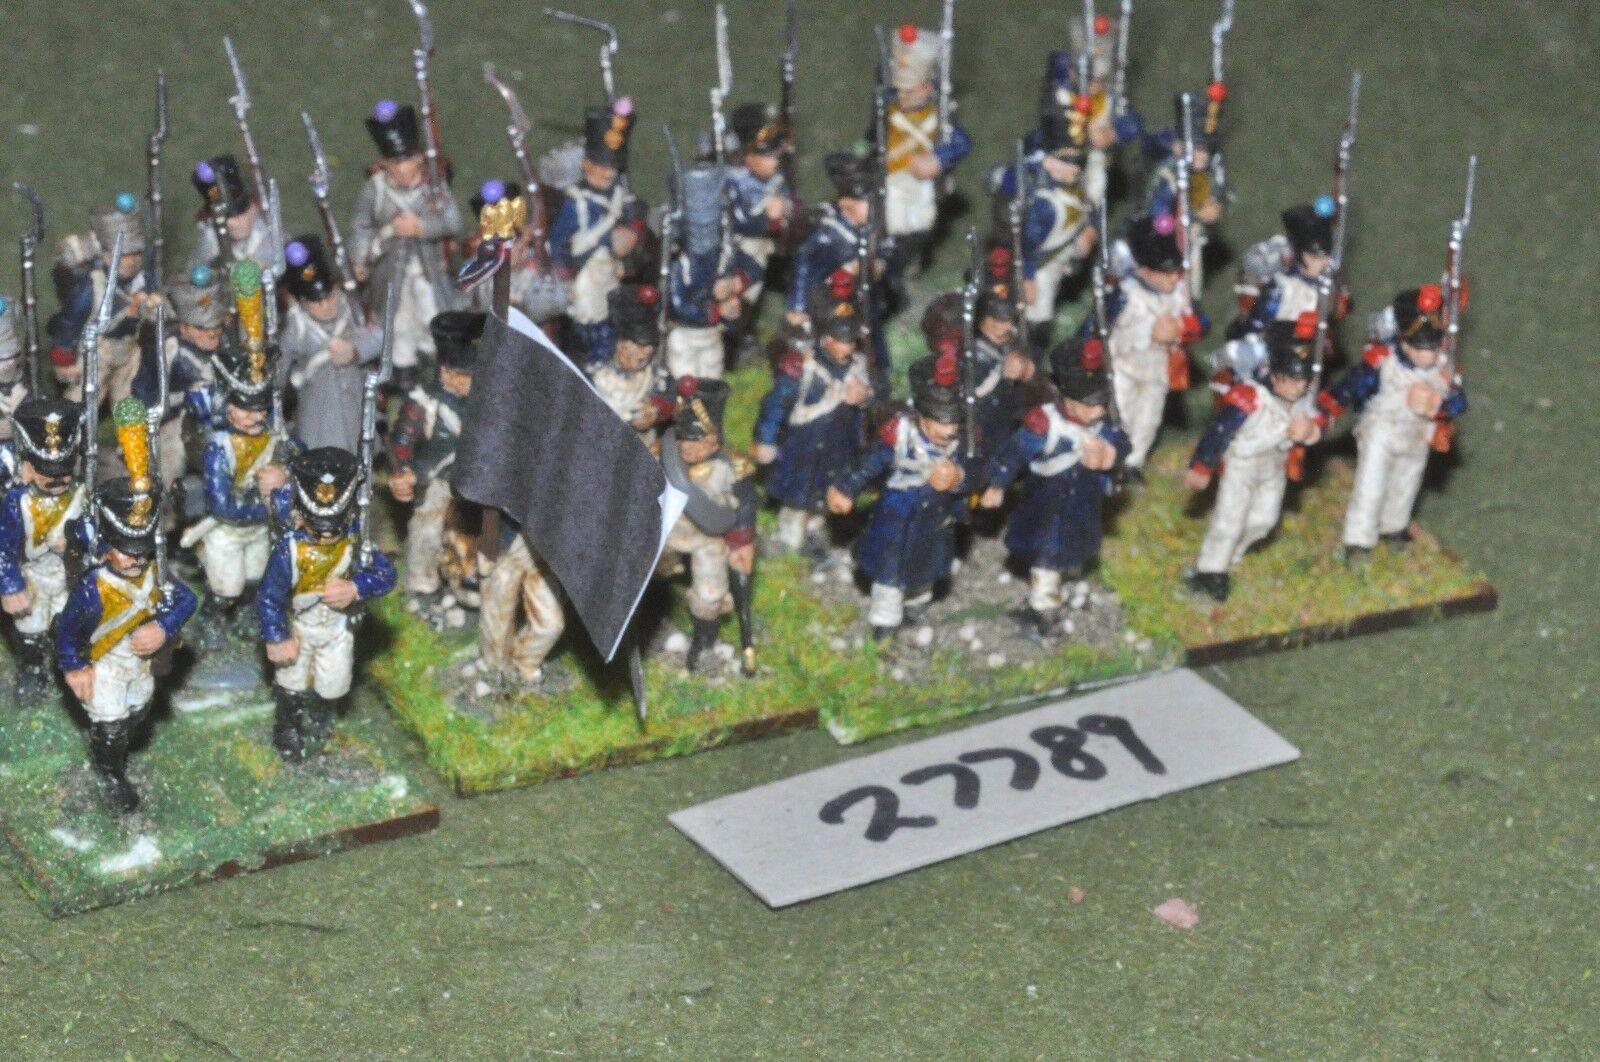 25 mm napoléoniennes napoléoniennes napoléoniennes français-Regiment (plastique) 32 figures-INF (27789) 569252